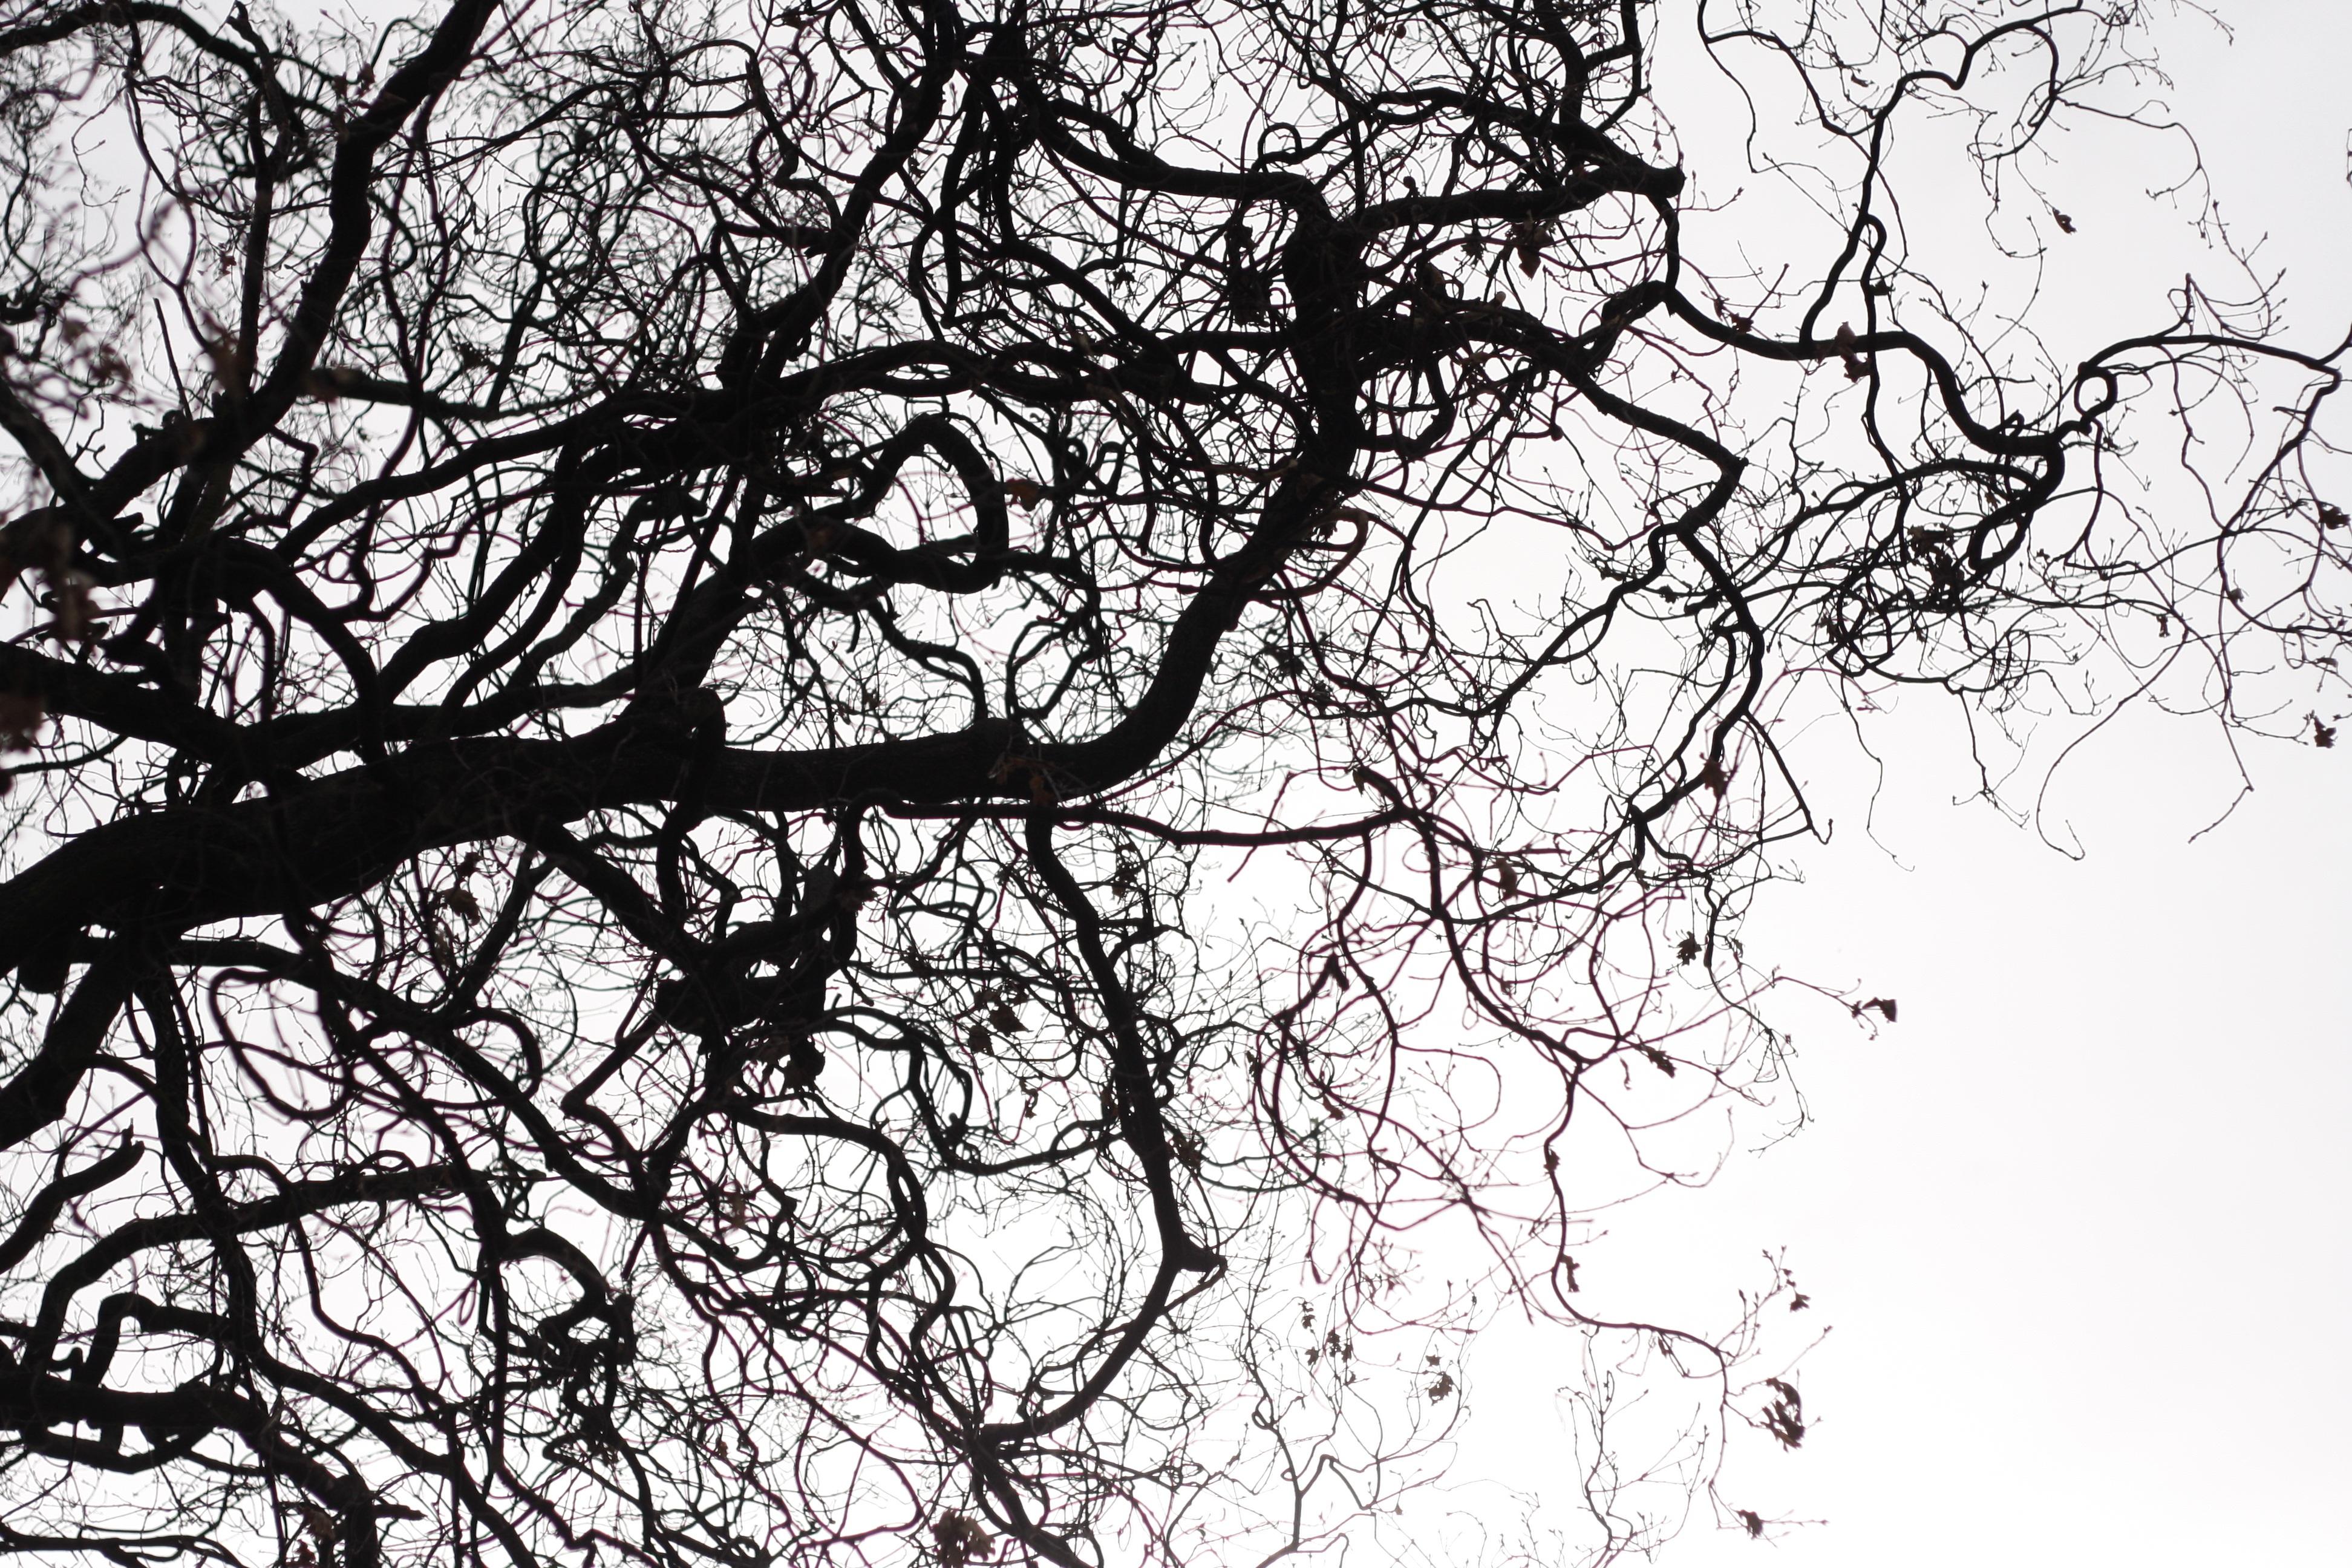 Gambar Pohon Alam Outdoor Cabang Bayangan Hitam